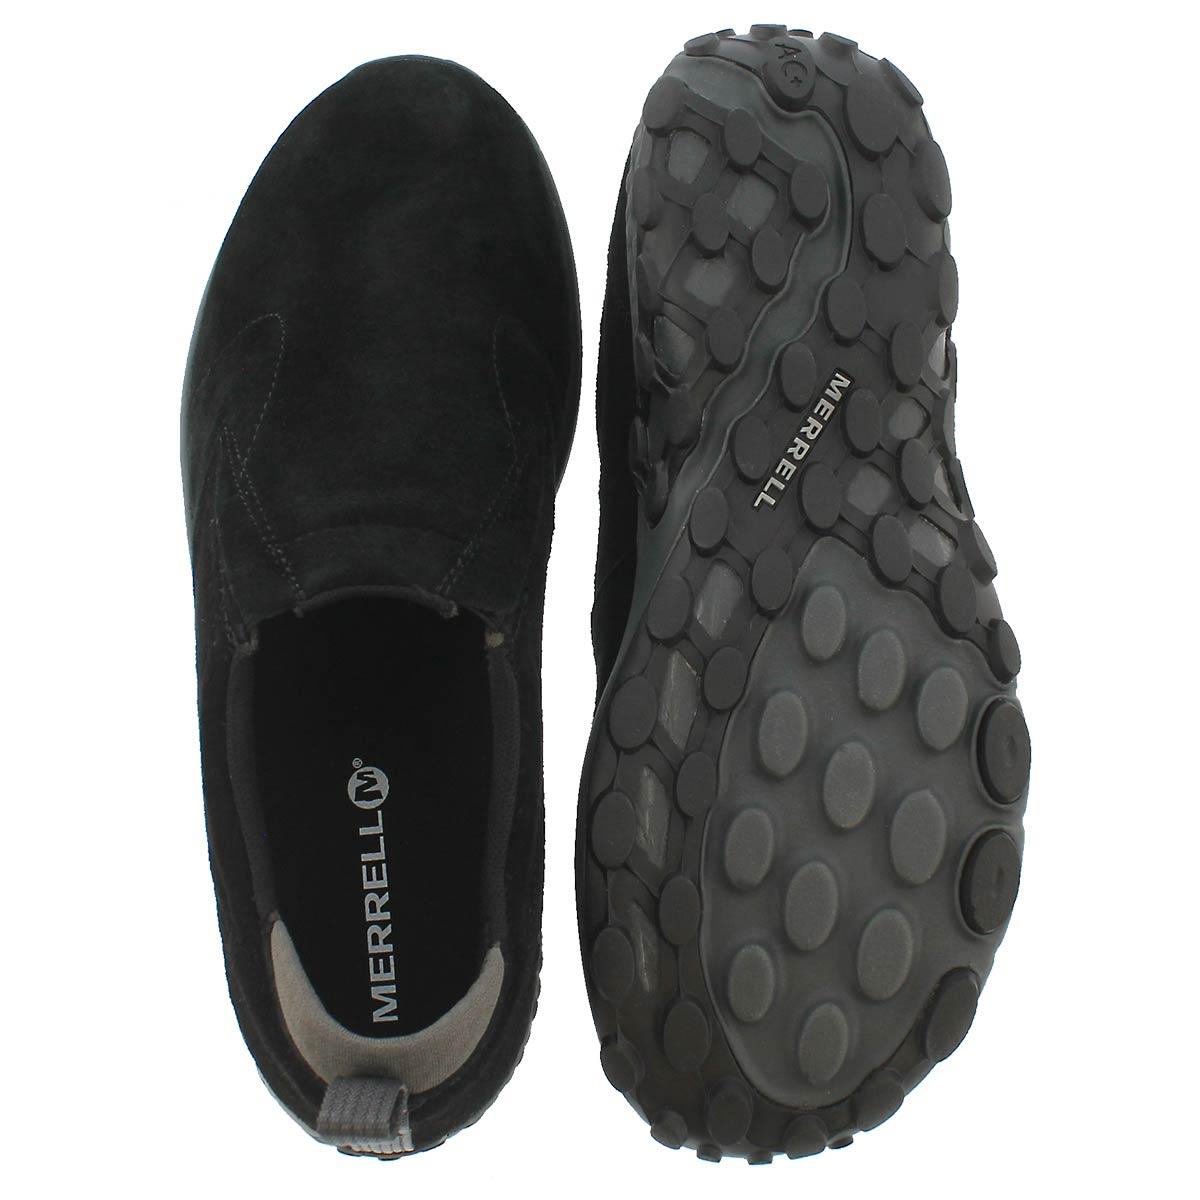 Mns Jungle Moc AC+ black slip on shoe